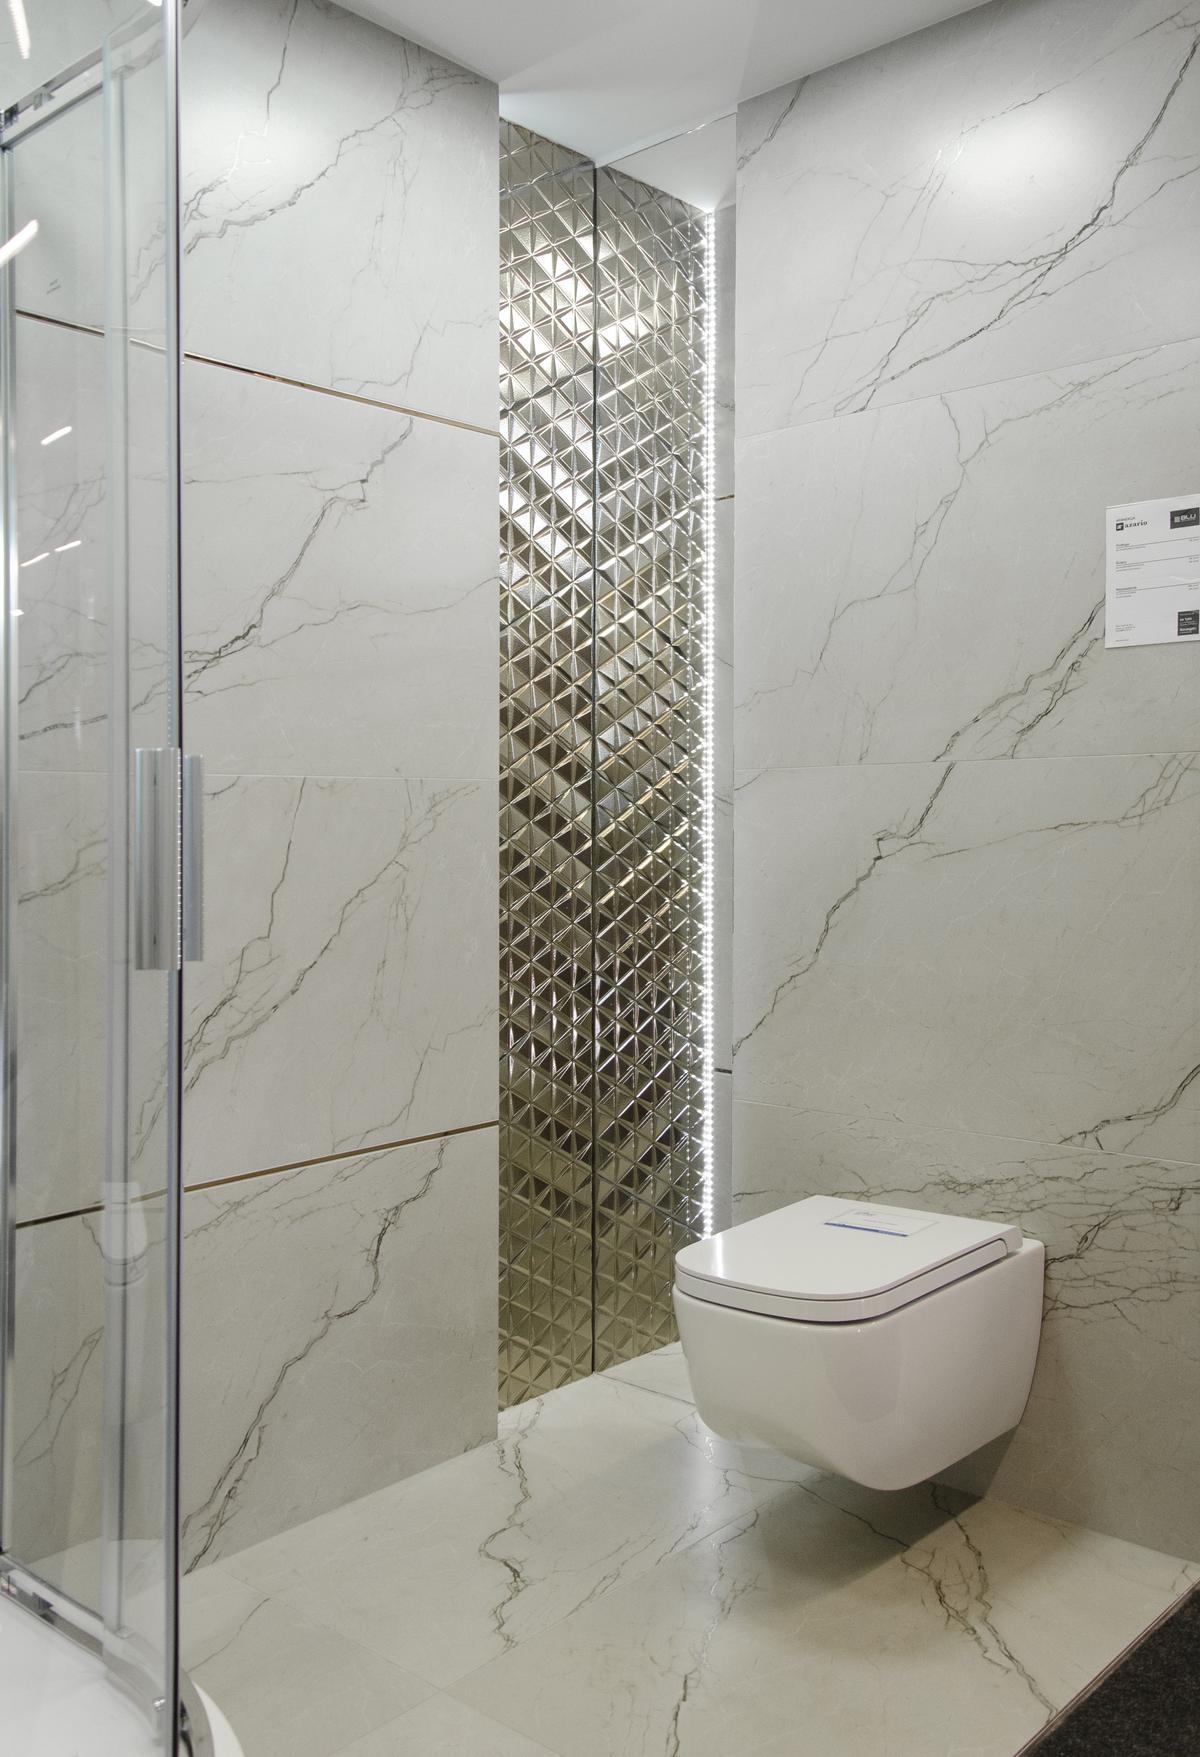 Łazienka w stylu glamour z płytką imitującą marmur - zdjęcie od BLU salon łazienek Łowicz